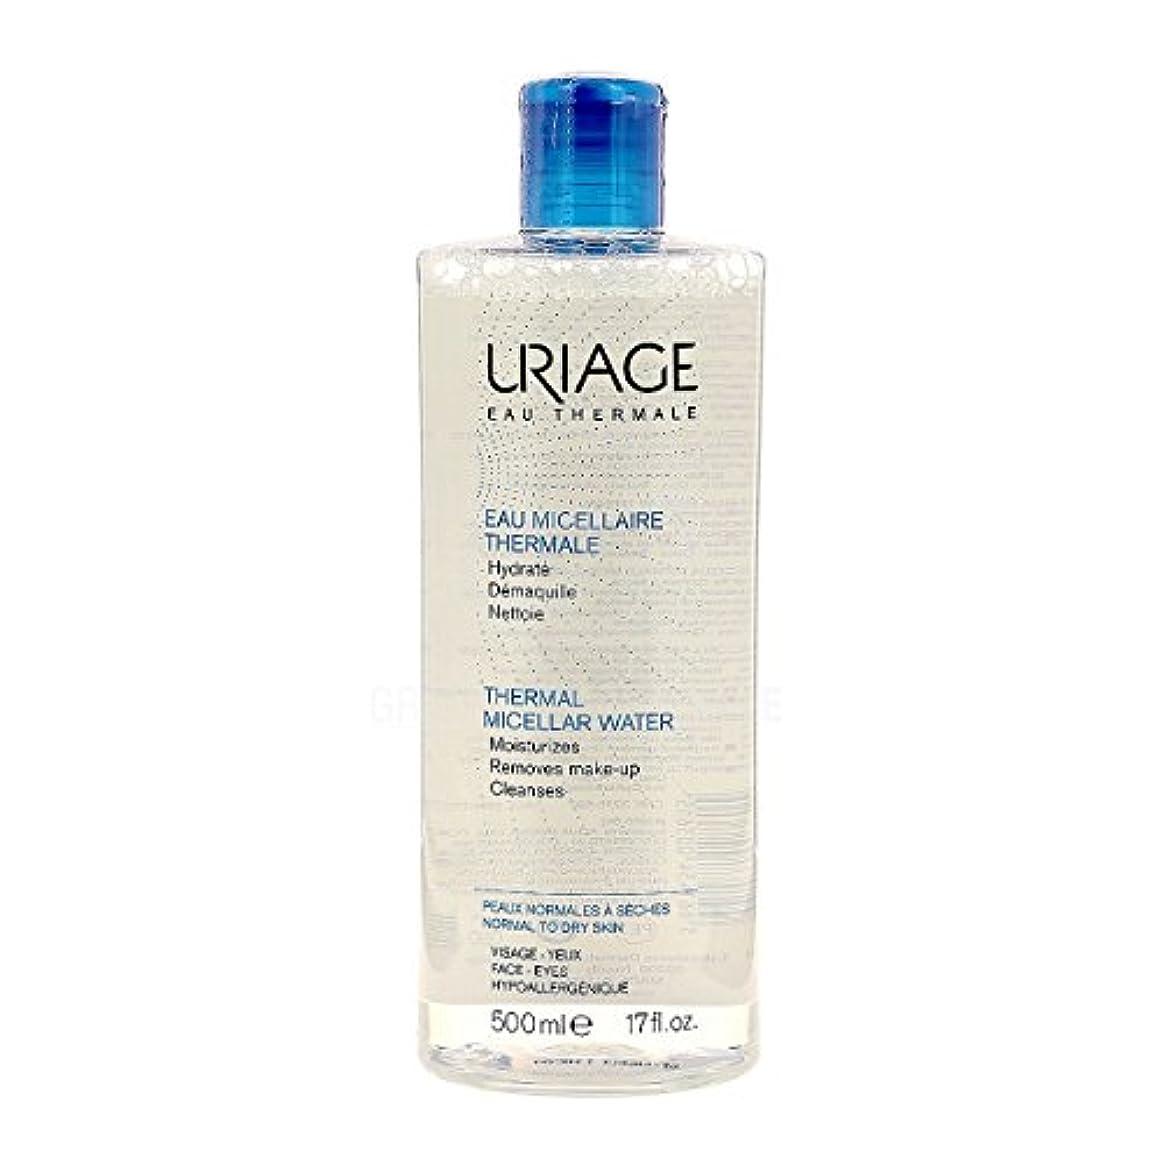 熱意時々乱用Uriage Thermal Micellar Water Normal To Dry Skin 500ml [並行輸入品]